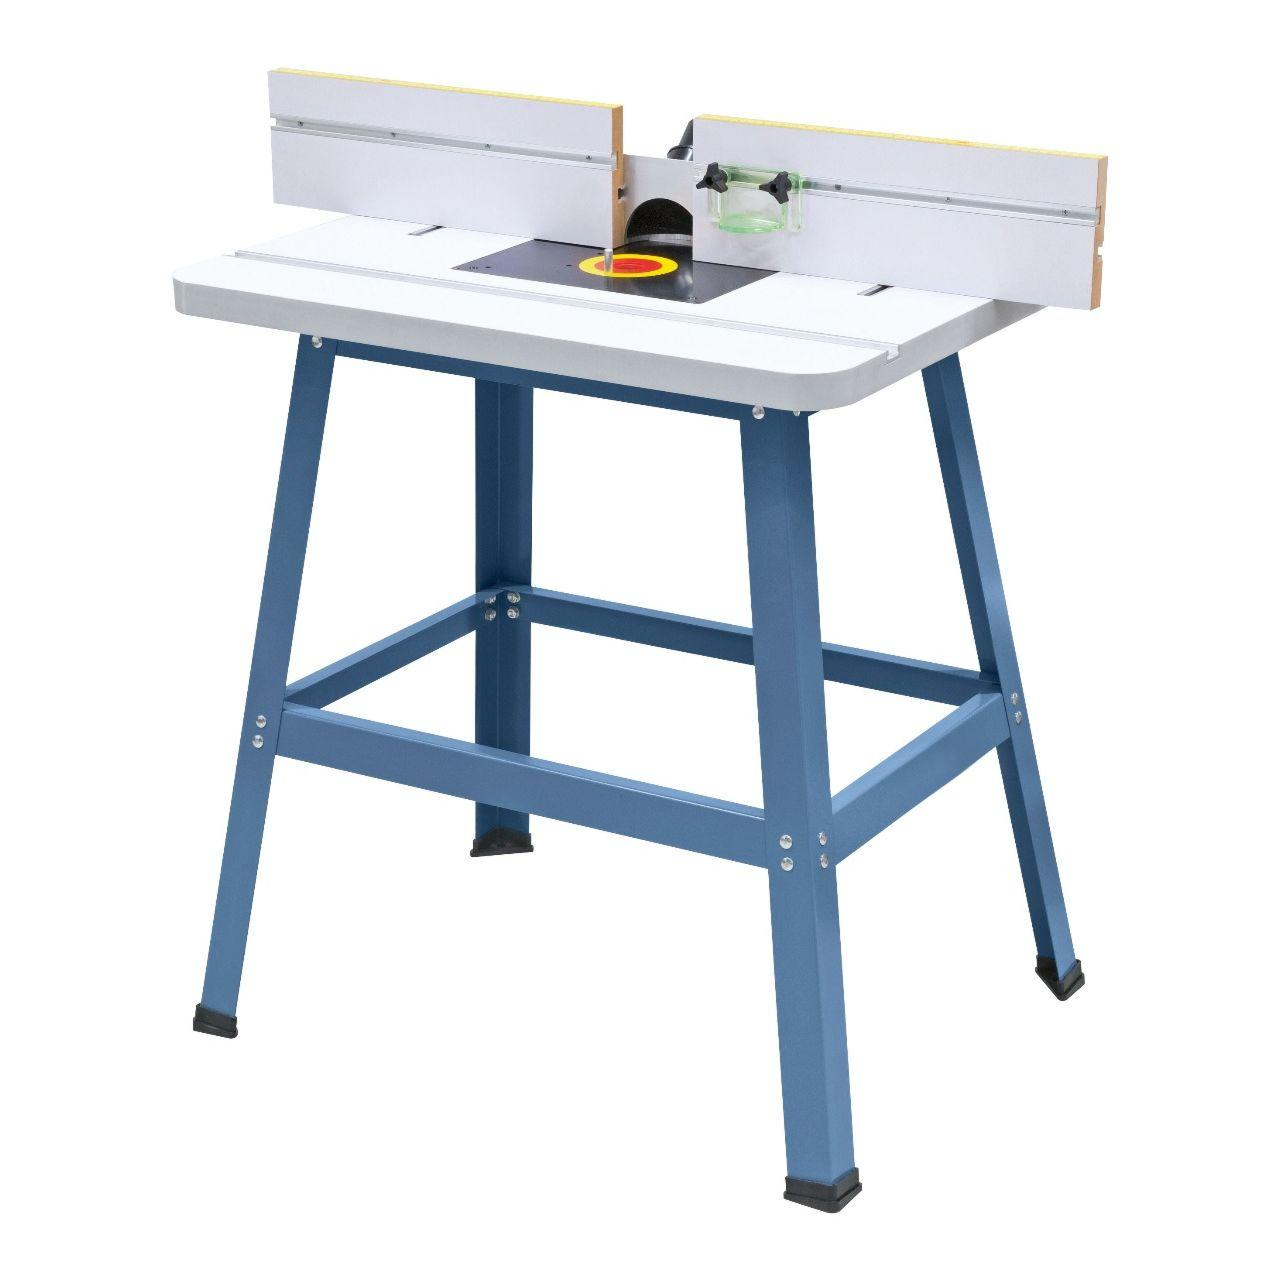 Фрезерный стол RT 2 BERNARDO   Стол для ручного фрезера